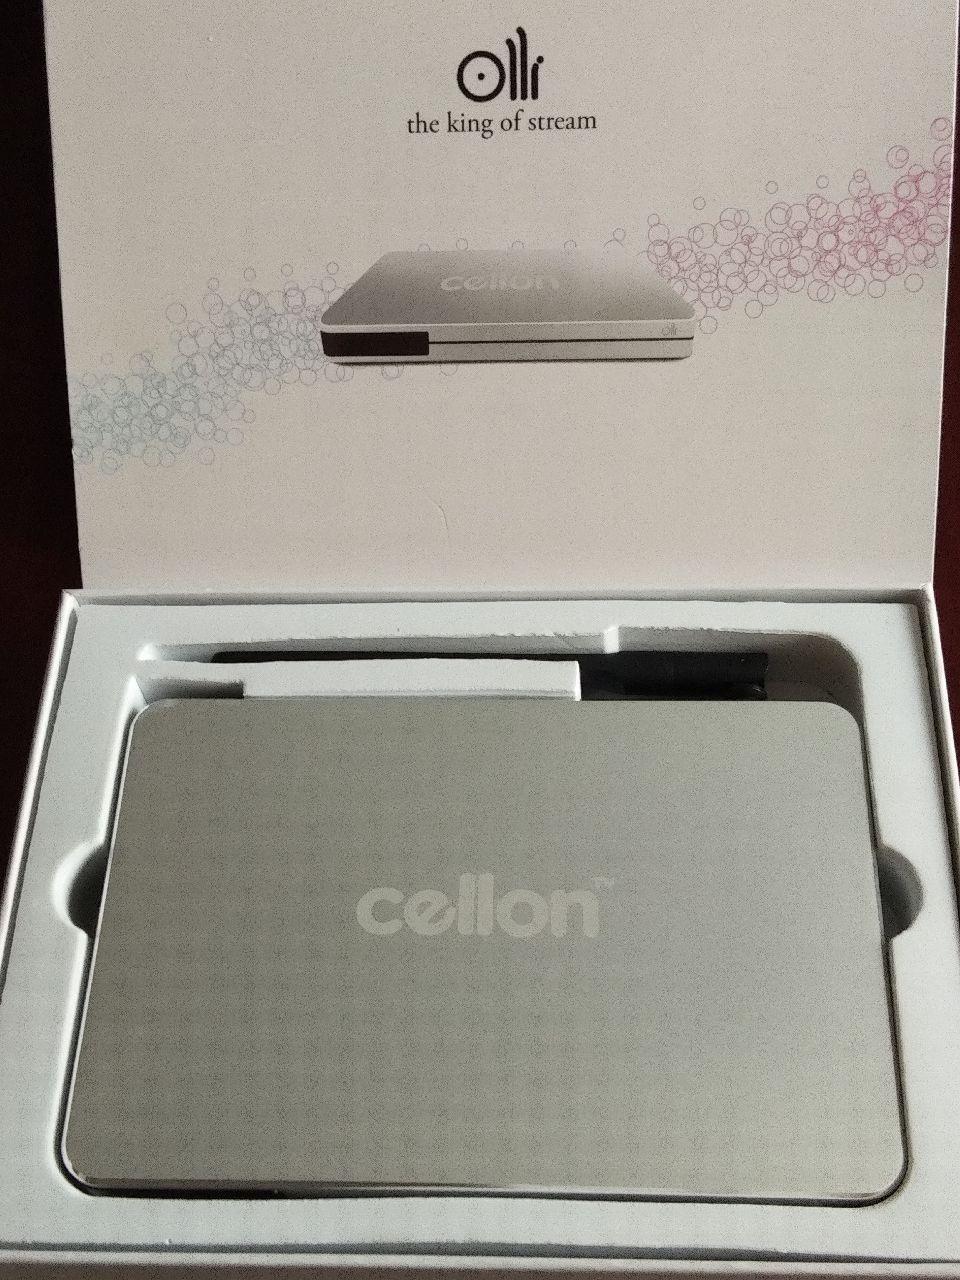 Avov TV online 4K and Cellon iptv box